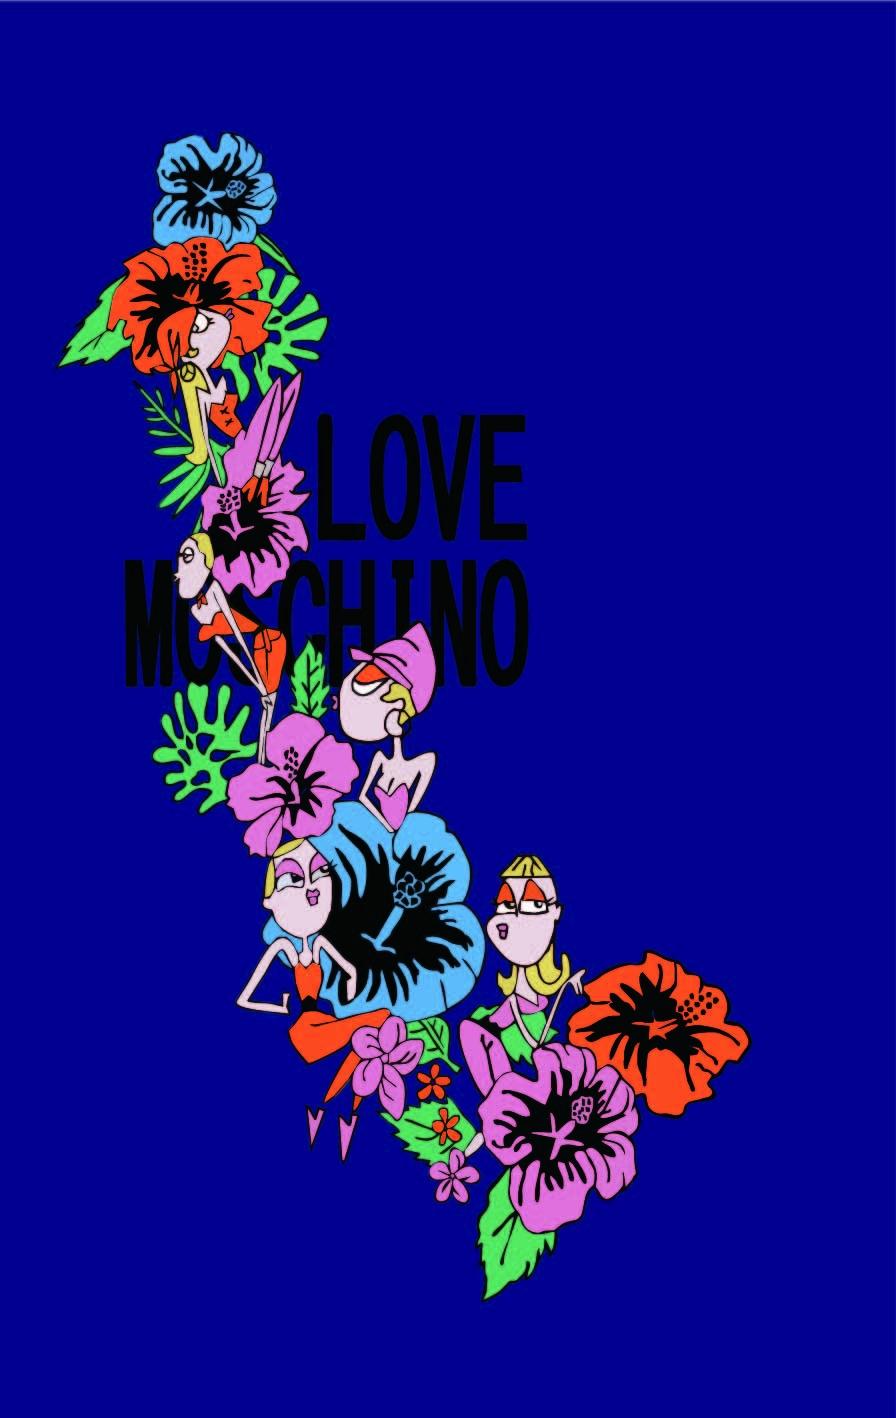 卡通人物植物花卉字母印花花型素材服装裁片T恤烫图印花花型素材-POP花型网